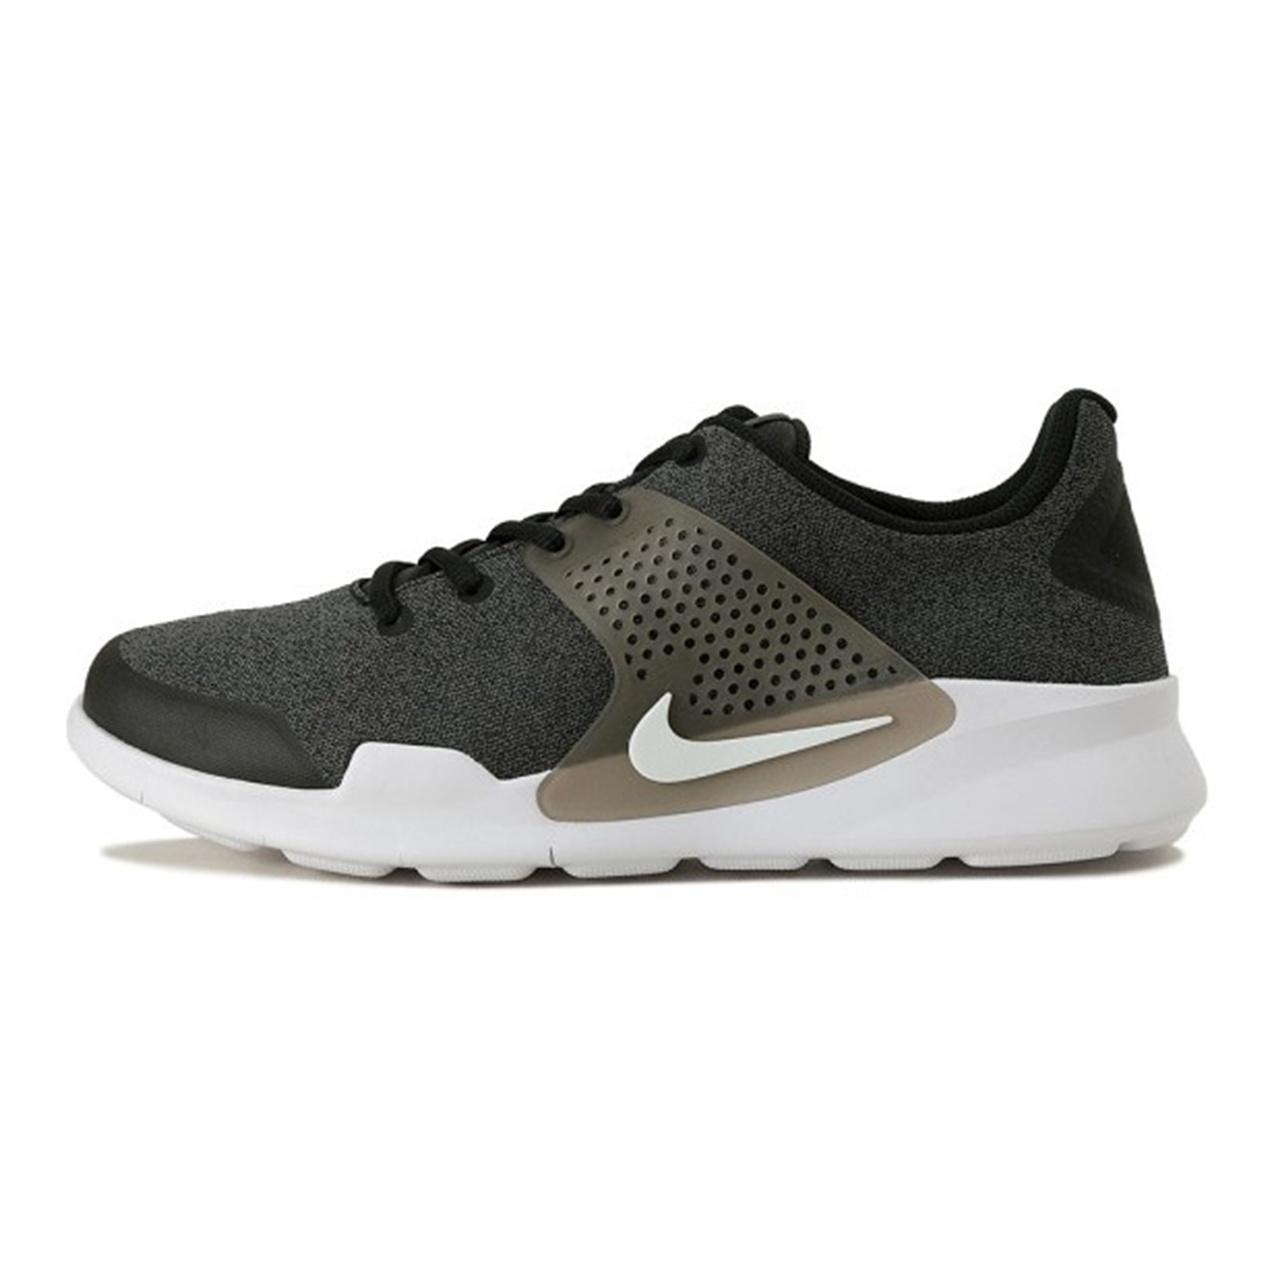 کفش مخصوص دویدن مردانه نایکی مدل 902813-002